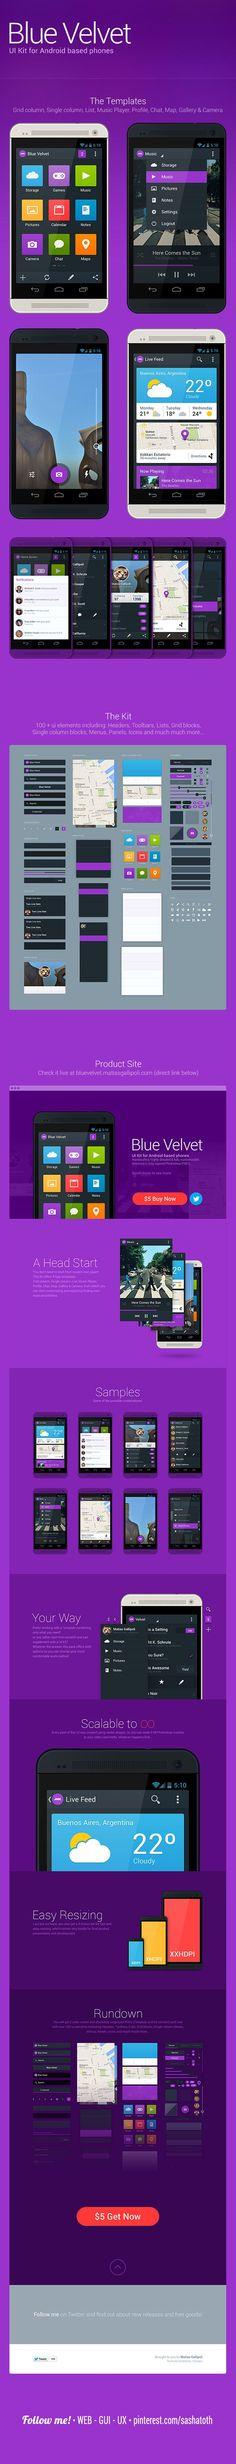 Blue Velvet UI Kit by Matias Gallipoli, via Behance *** Blue Velvet, a handcrafted, highly detailed  fully customizable UI Kit for Android *** #gui #ui #kit #behance